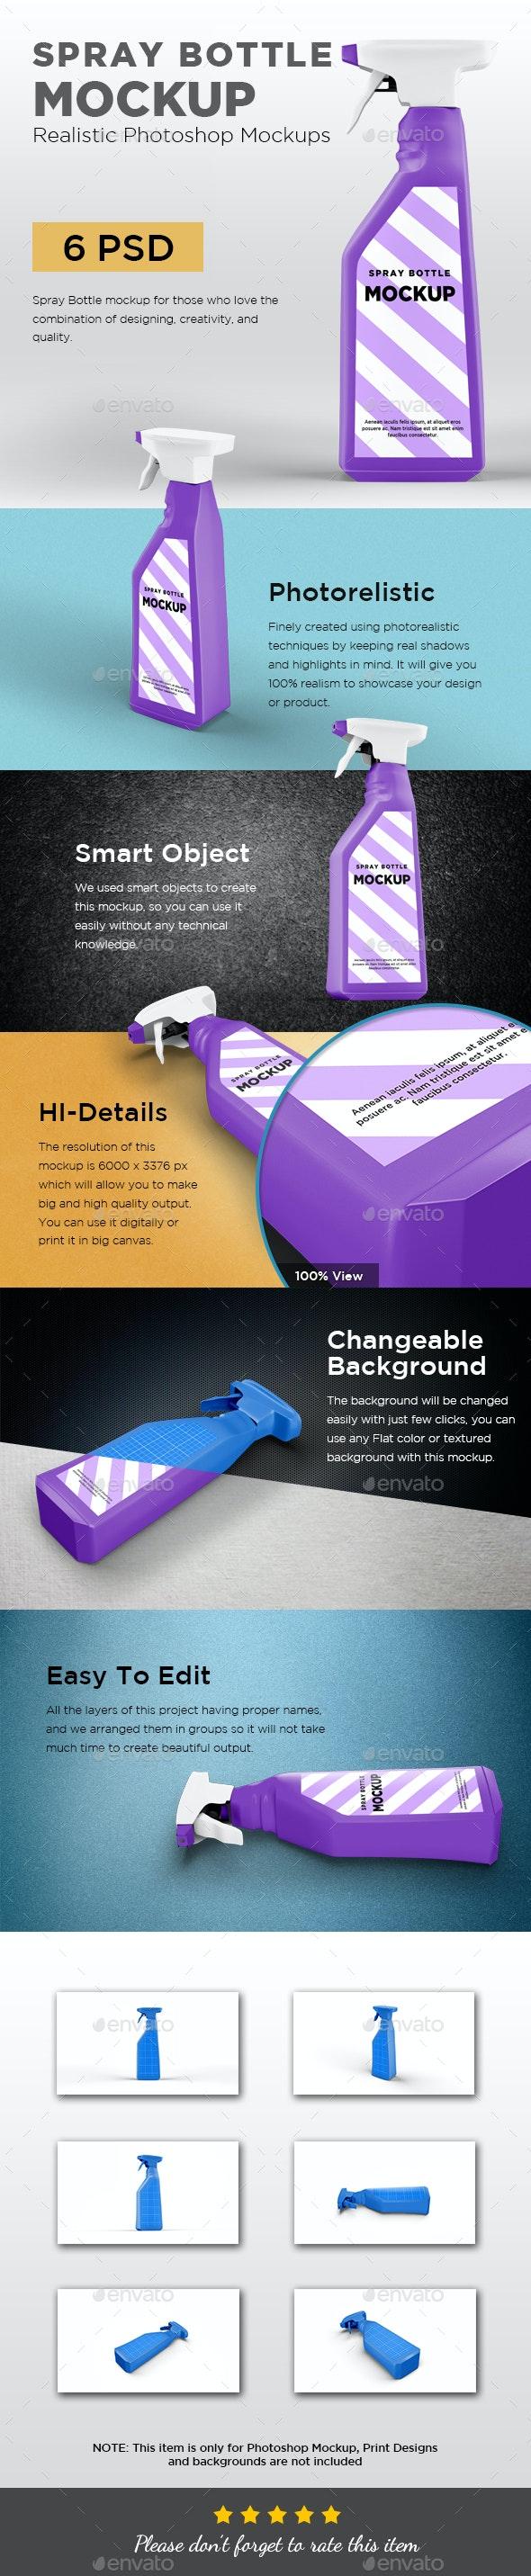 Spray Bottle Mockup V2 - Packaging Product Mock-Ups